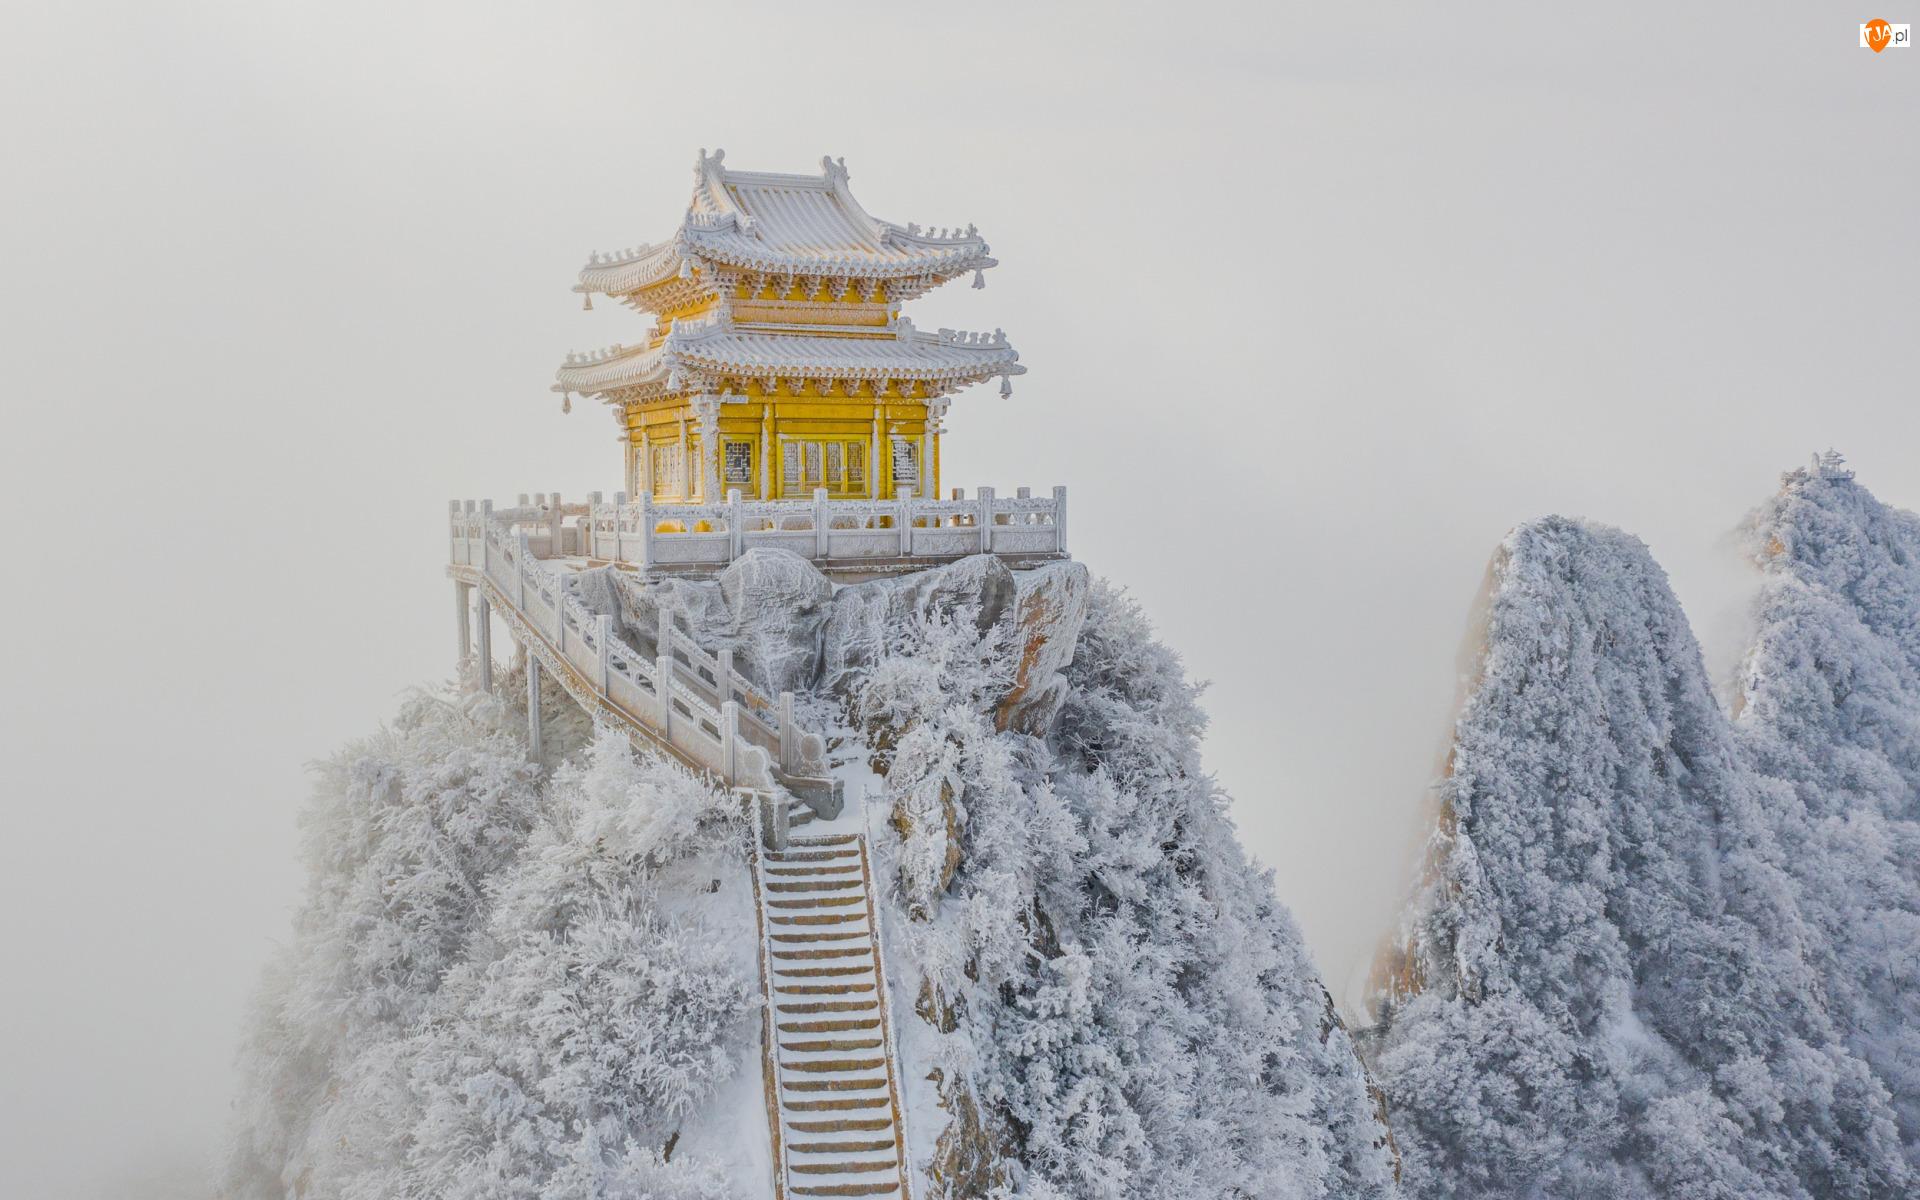 Schody, Drabina, Mróz, Świątynia, Śnieg, Zima, Skały